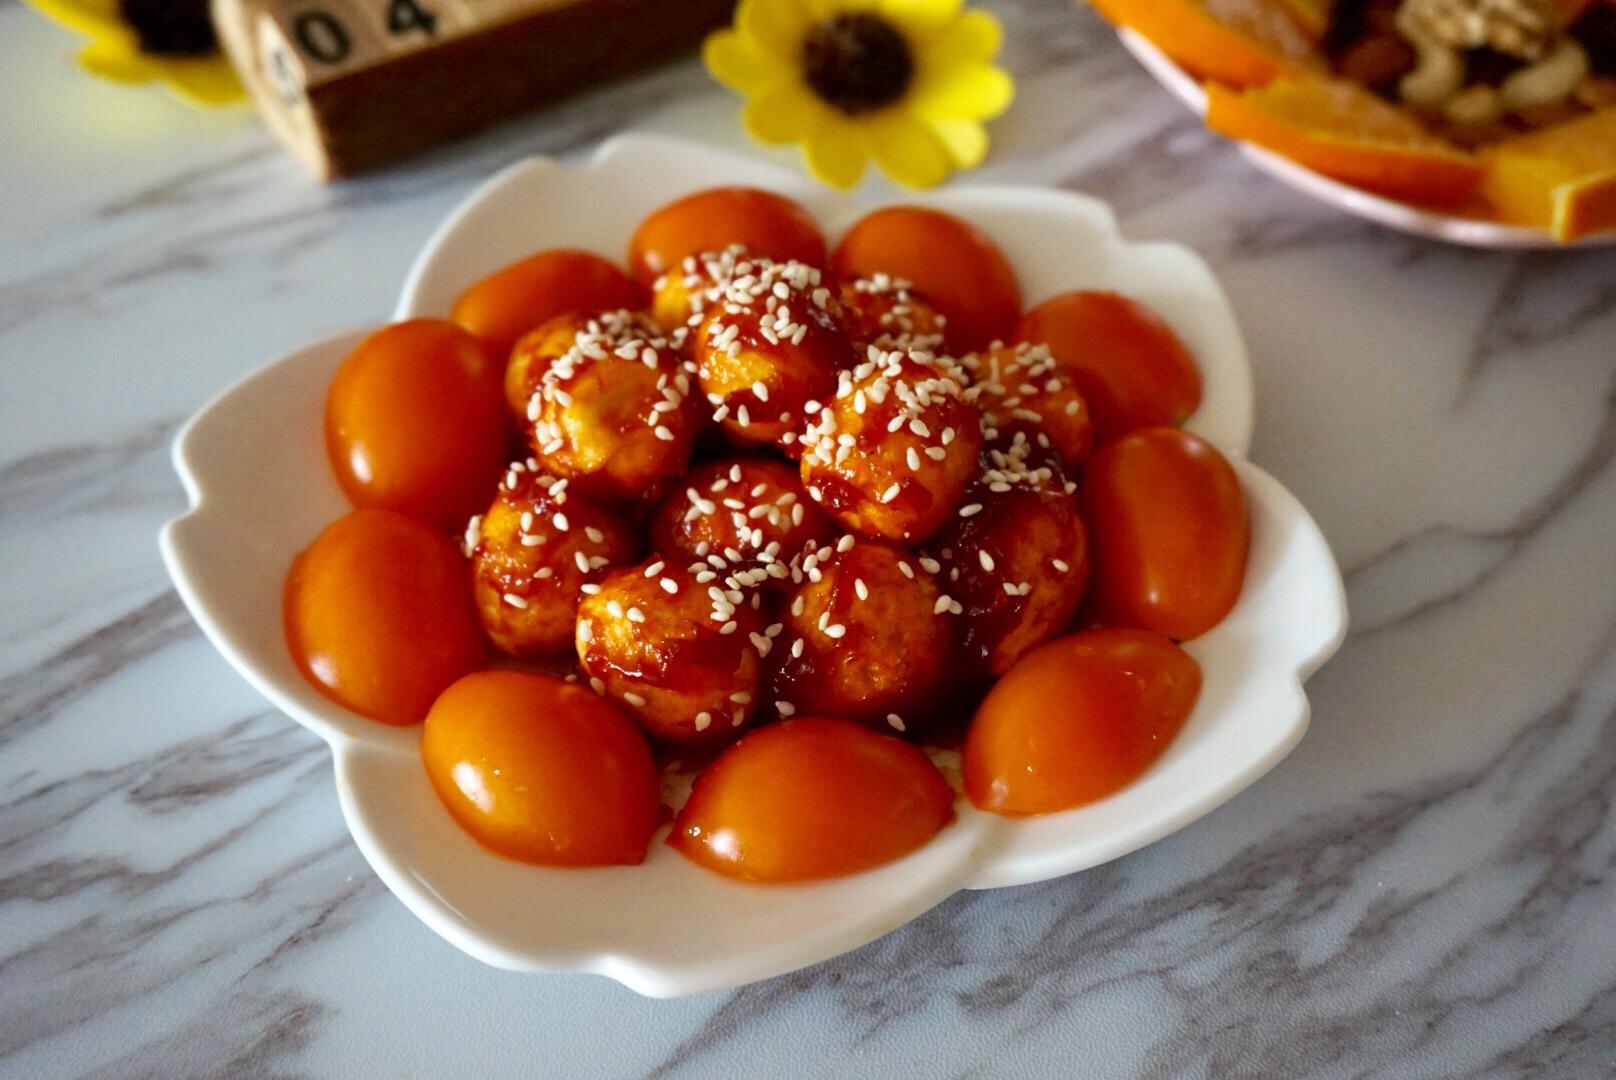 茄汁鹌鹑蛋的做法_【图解】茄汁肥肠蛋做做__鹌鹑烧血图片